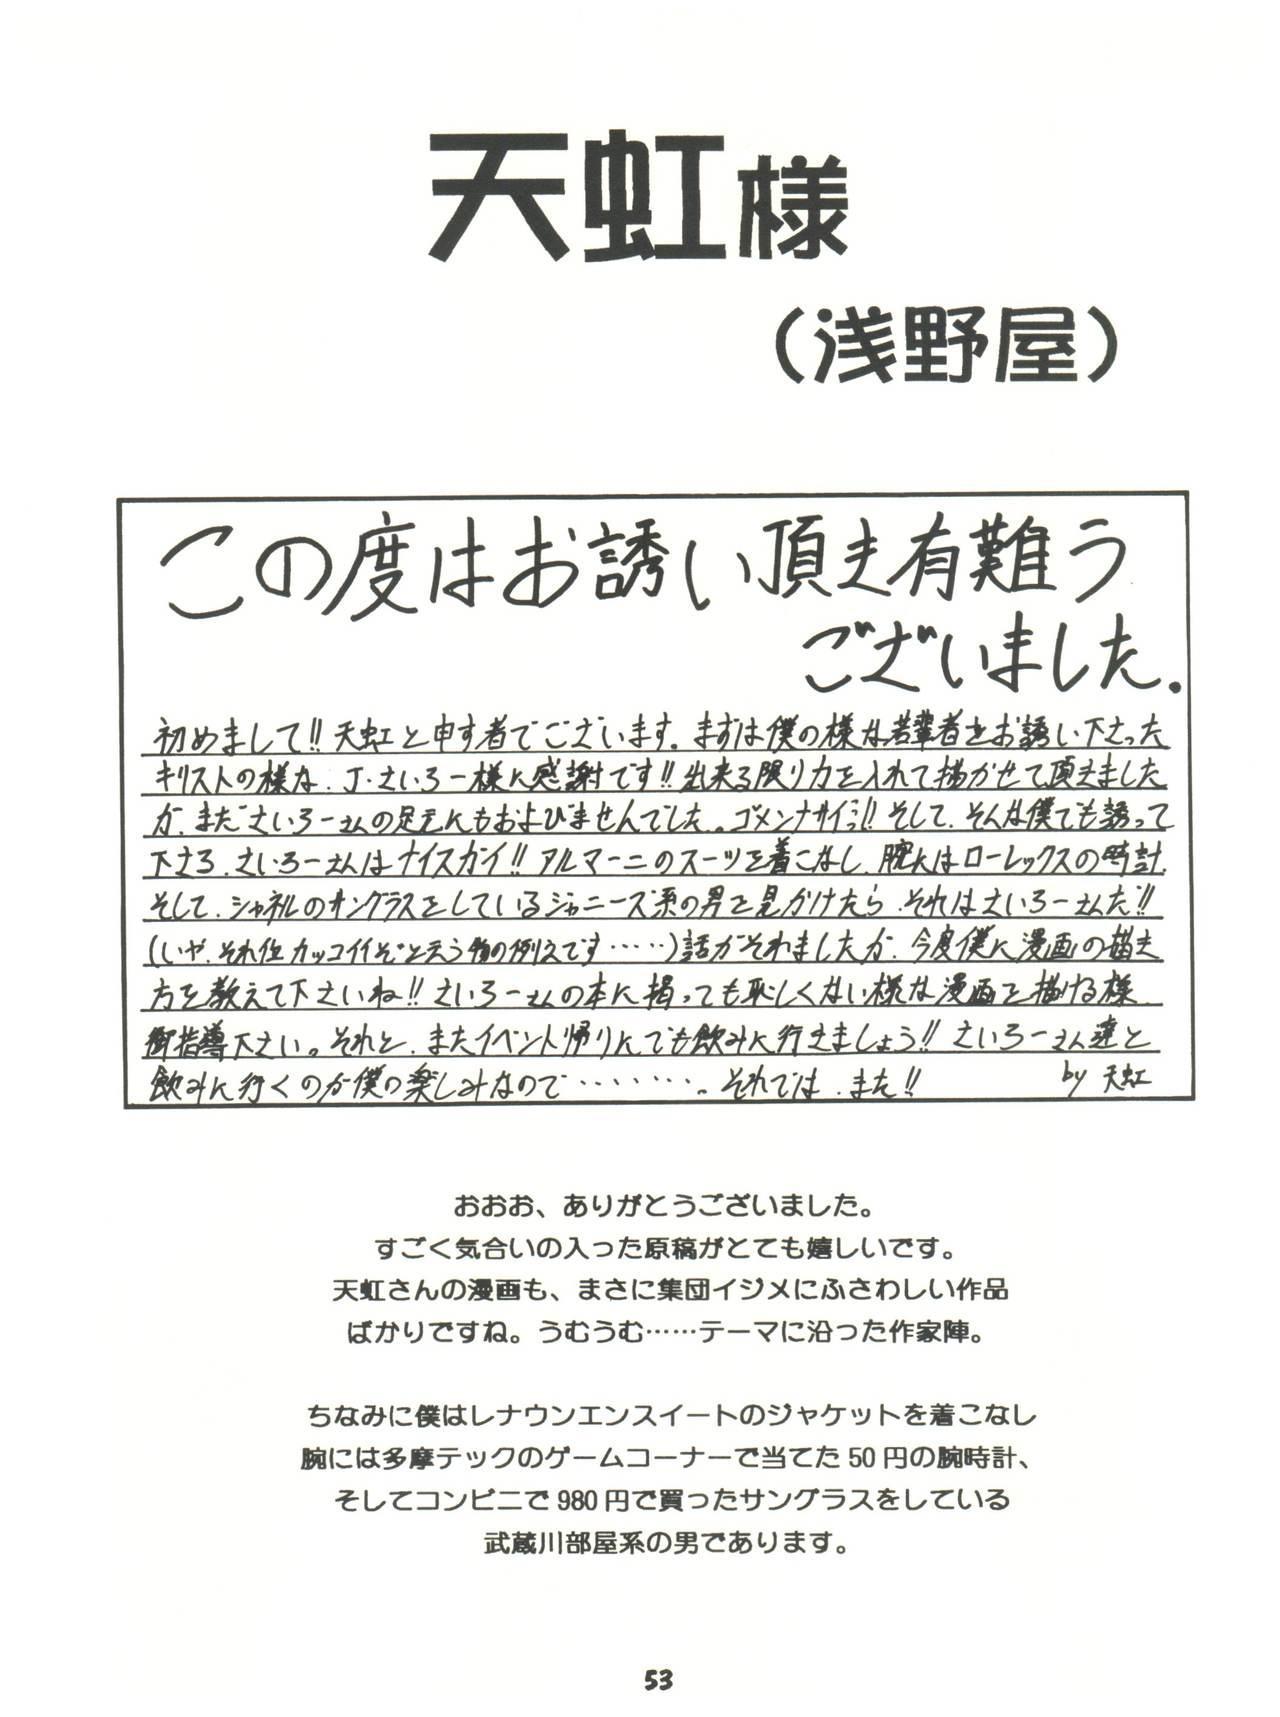 [Sairo Publishing (J. Sairo) En-Jack 2 (Various) 52